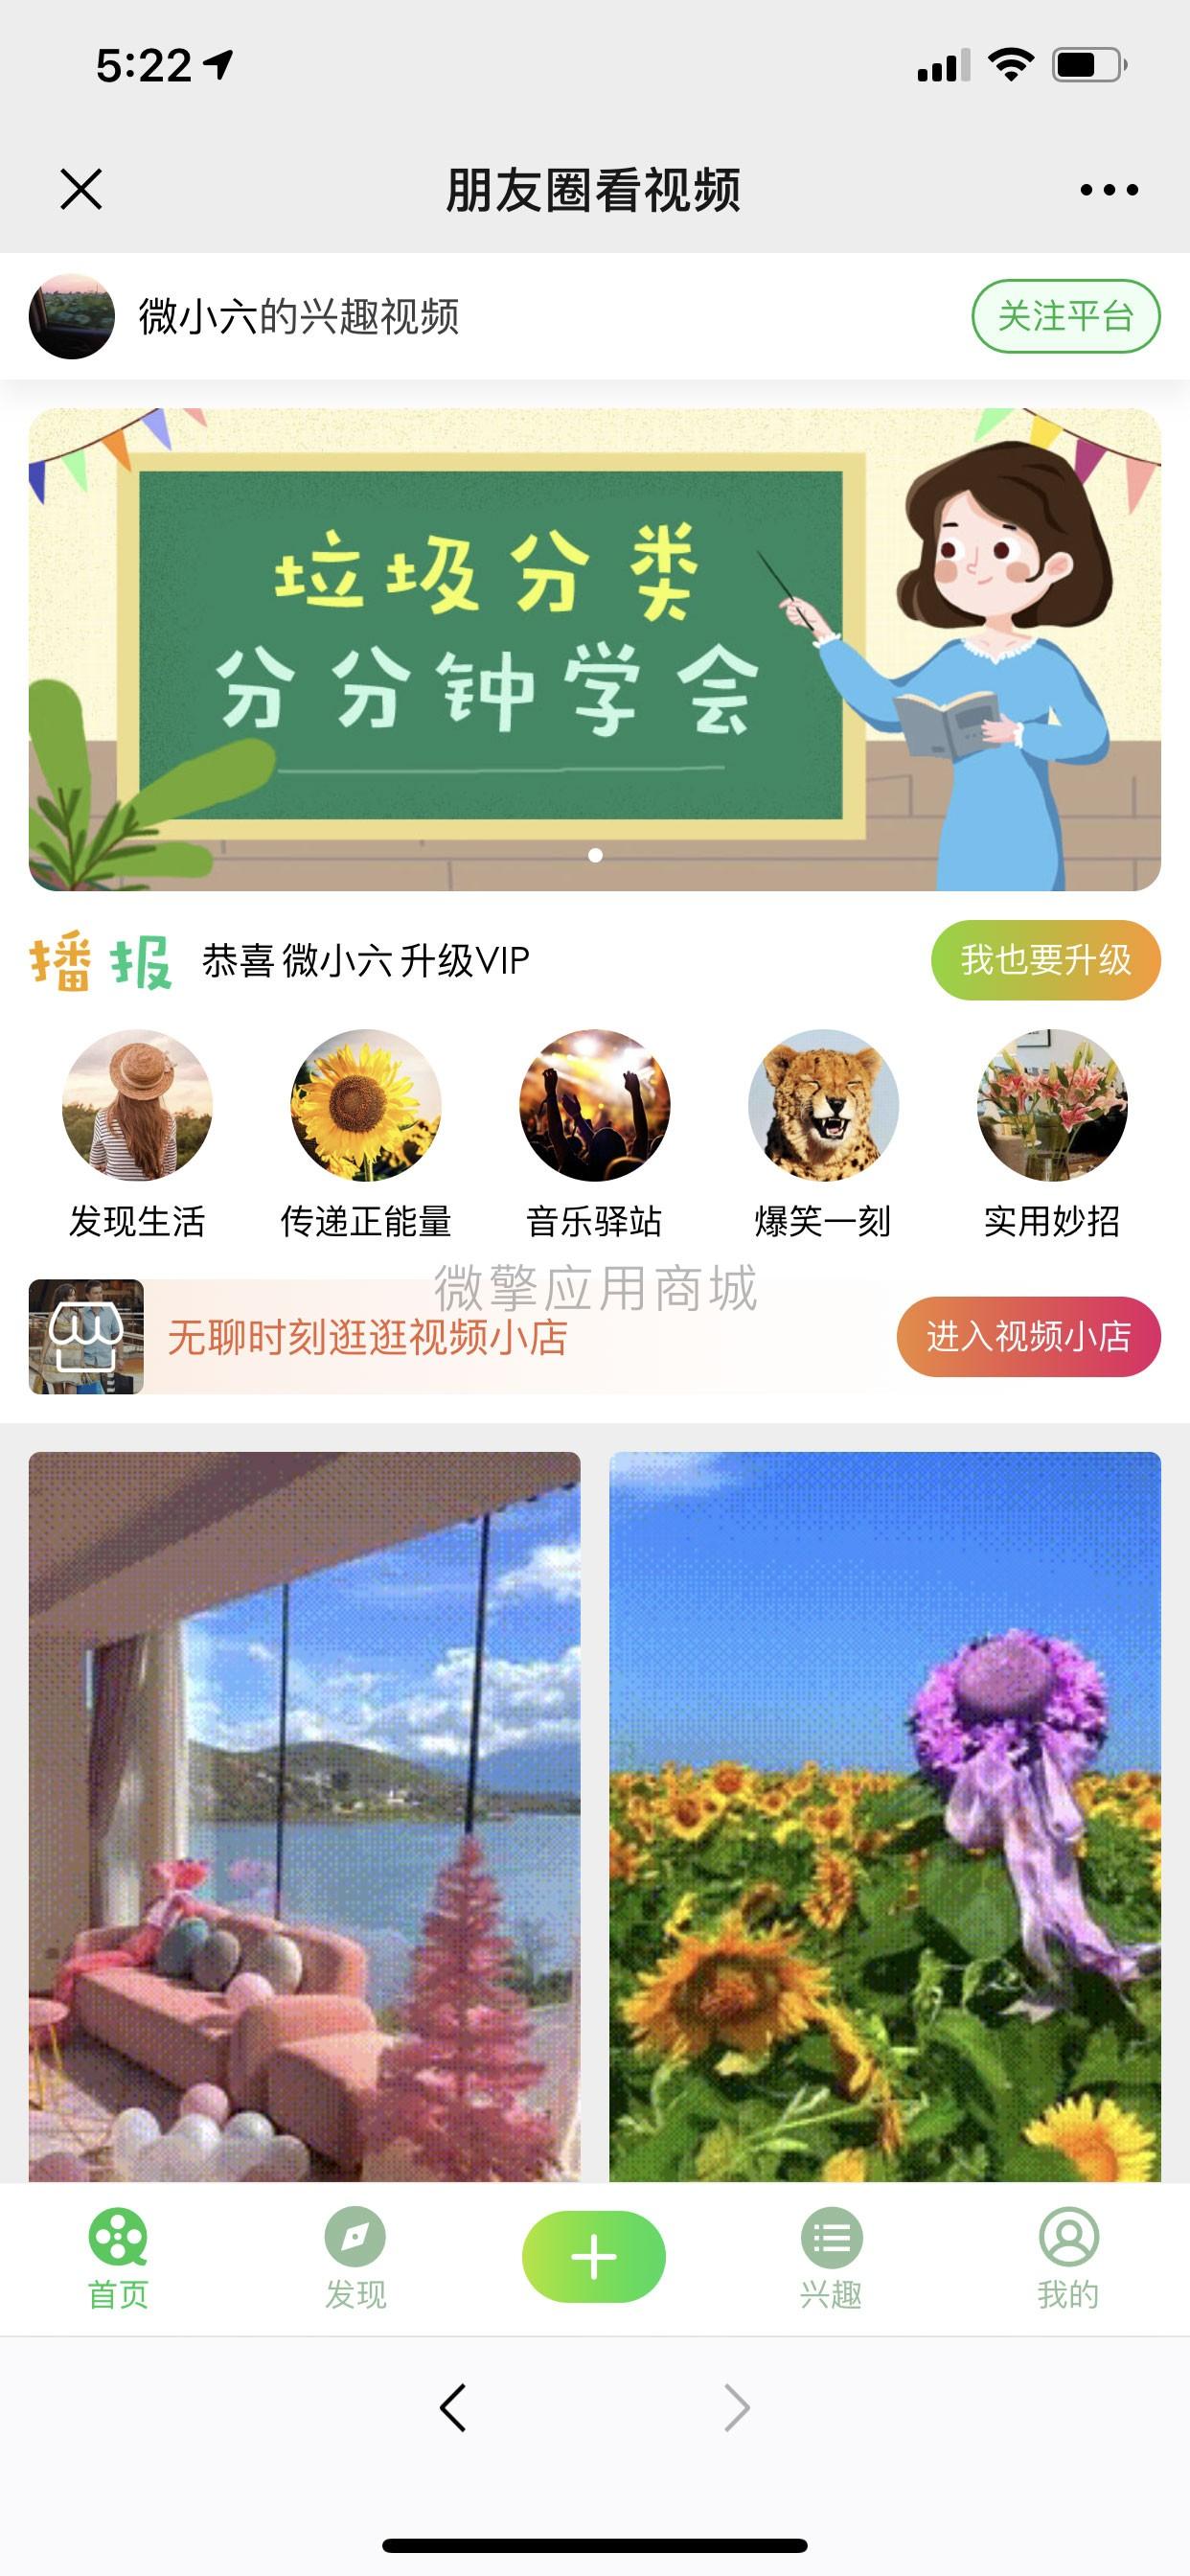 【功能模块】朋友圈看视频 zk_jqvideo 版本号:1.0.15 上传广告图片及二维码图片时初始默认改为满屏裁切插图1